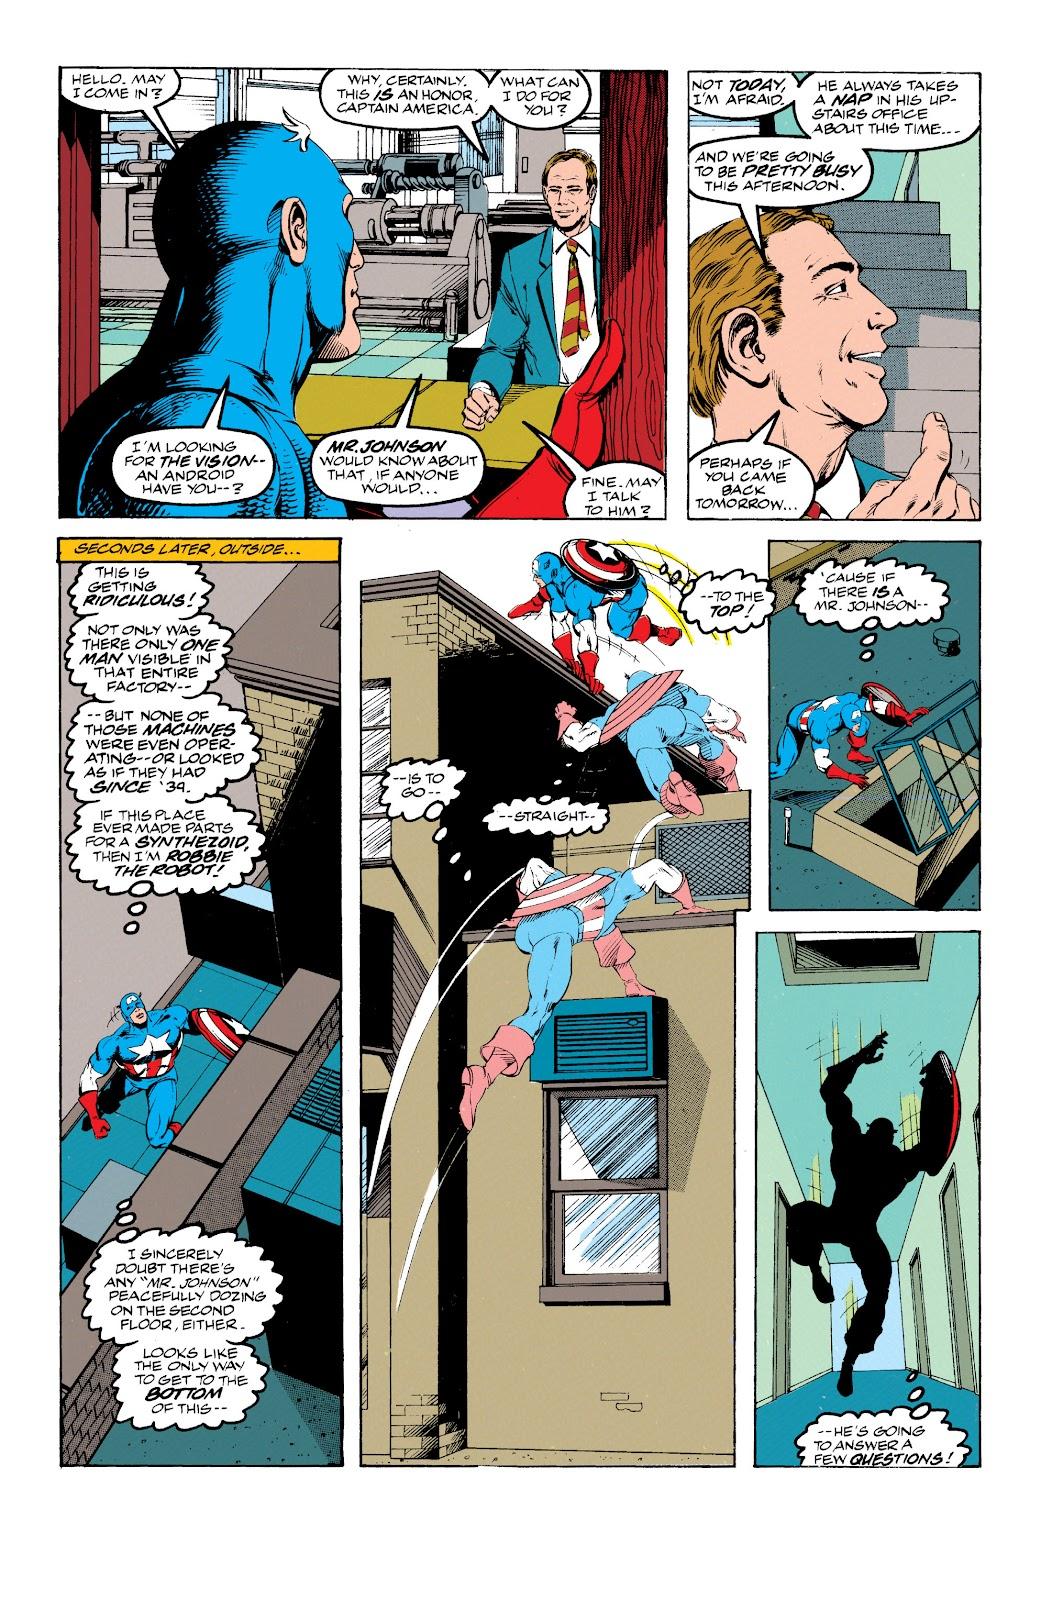 Read online Avengers: Citizen Kang comic -  Issue # TPB (Part 1) - 10